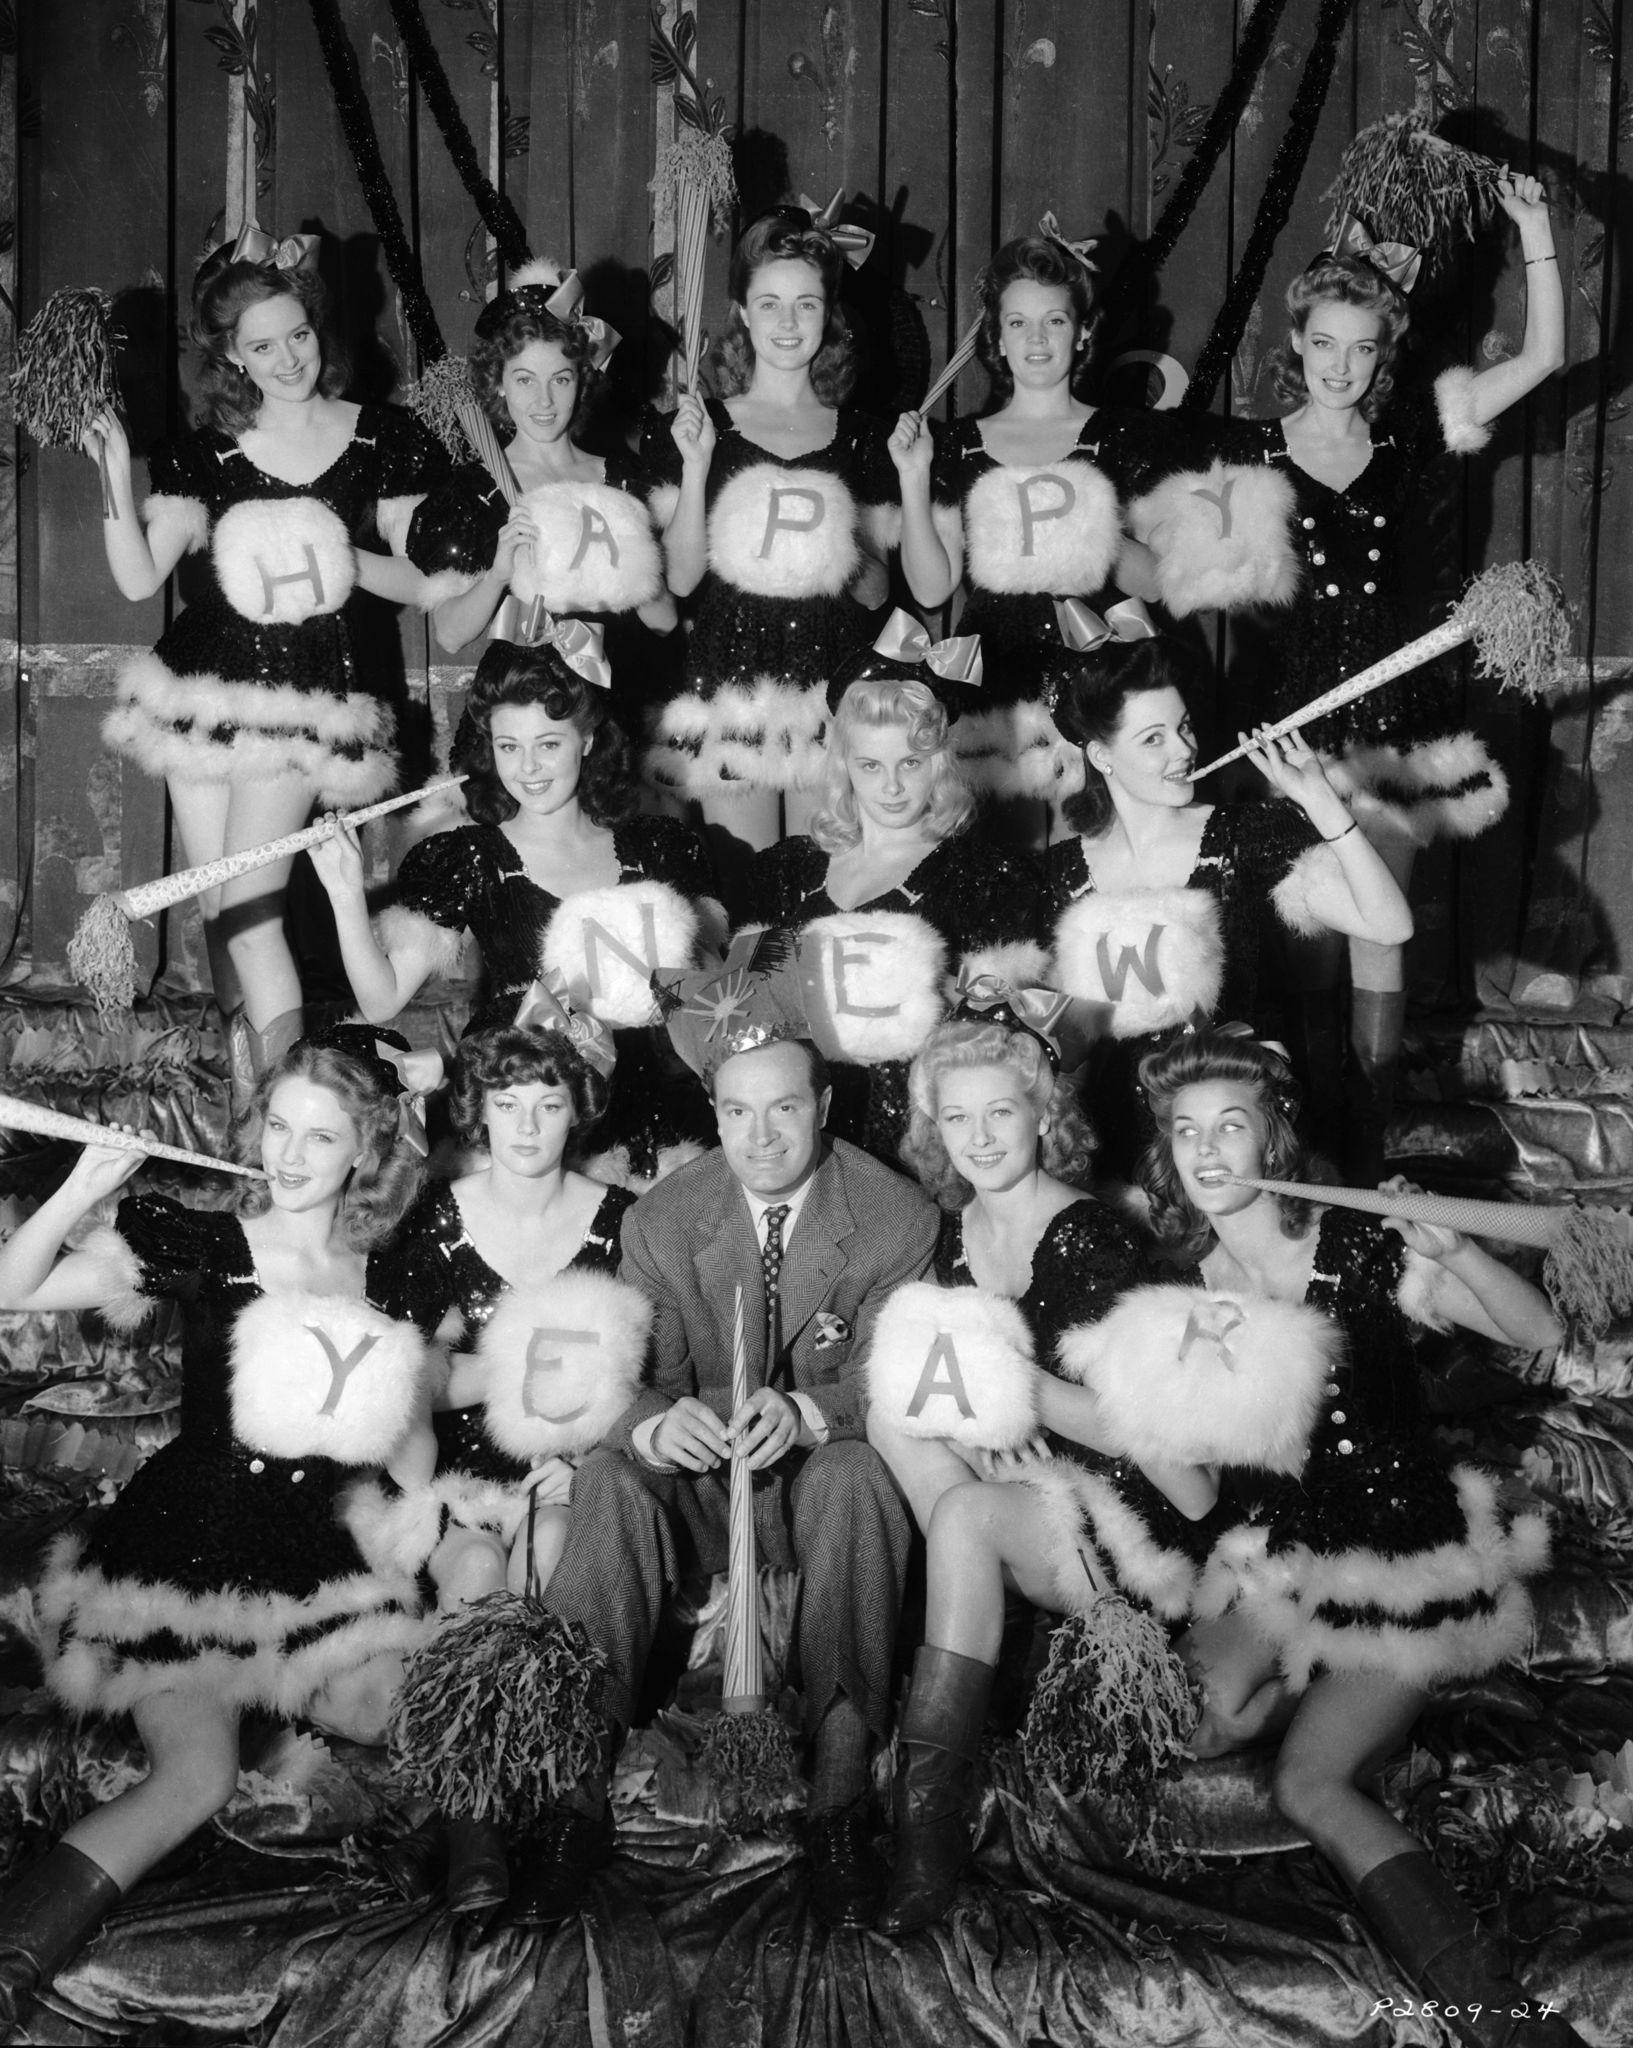 1942. Комик и актер Боб Хоуп в окружении красавиц, которые снялись в фильме «Луизианская покупка», режиссера Ирвинга Каммингса.jpg